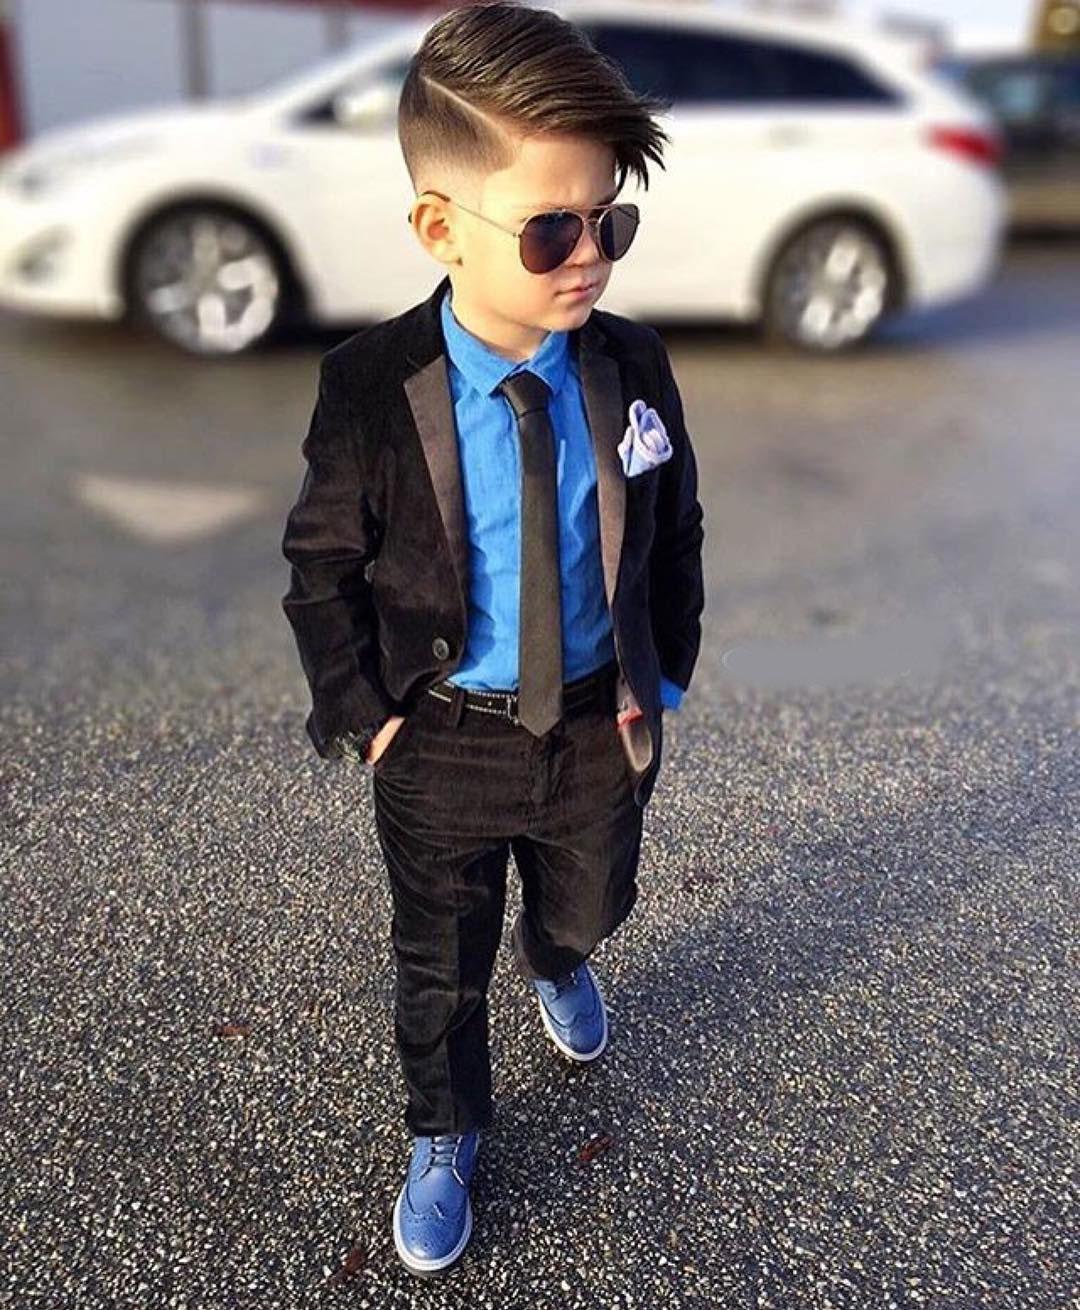 2021 Stylish Baby Boy Dp Images 1